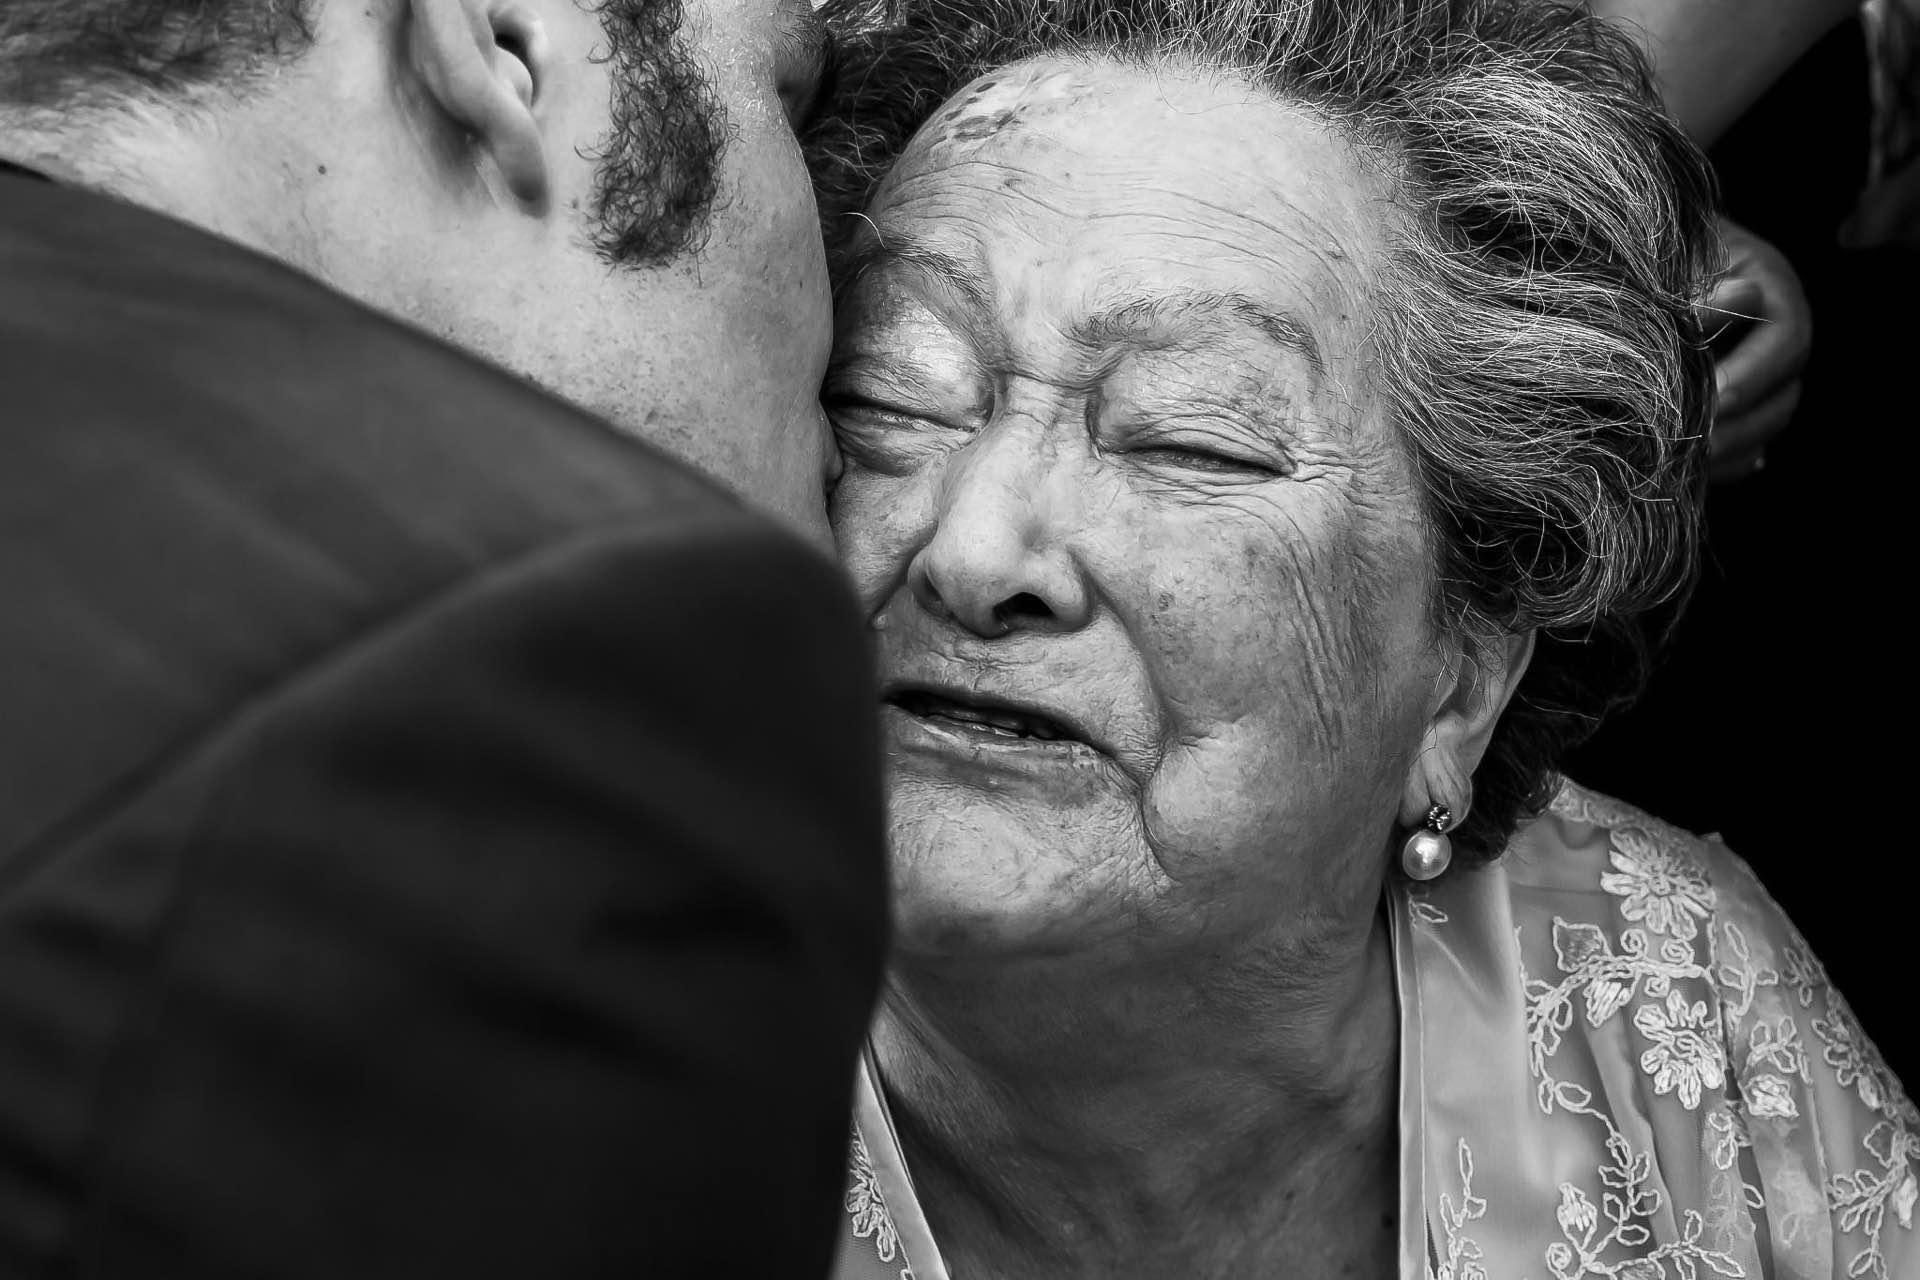 notblank-boda-abuela-Fotógrafo de boda-Malaposta-Portugal-Emoción-Lágrimas